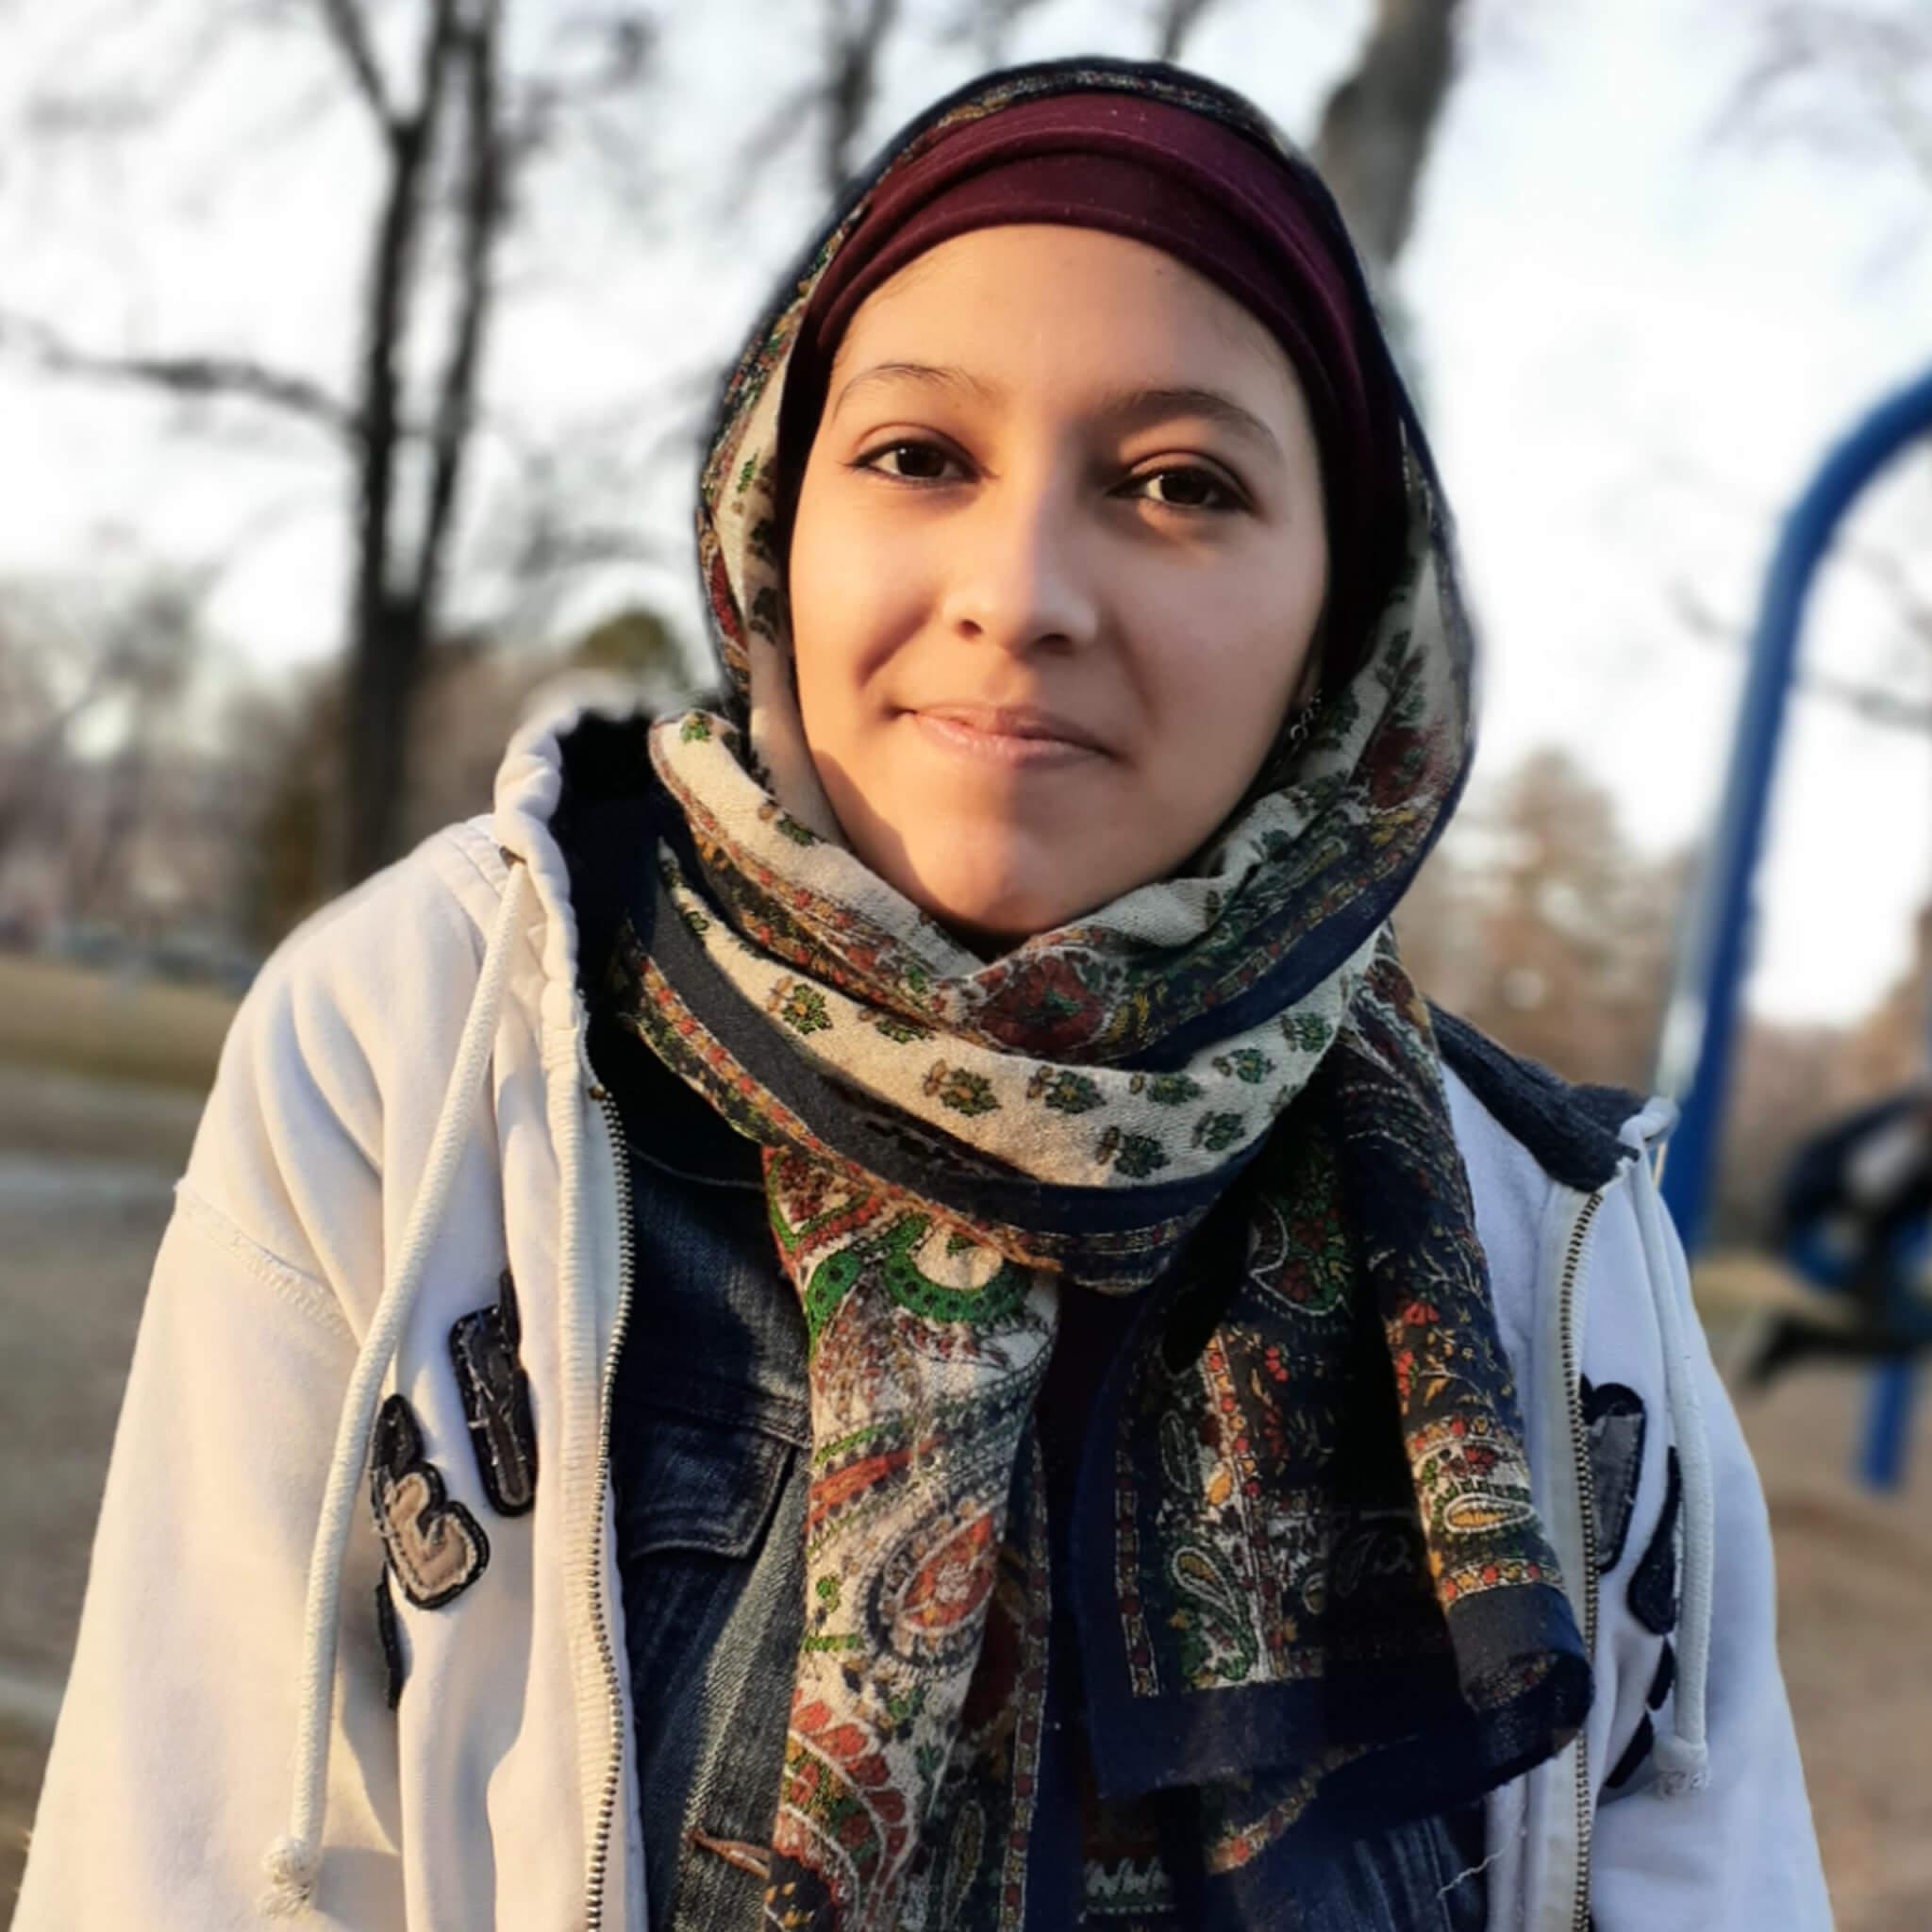 Photo of Atzin Hernandez